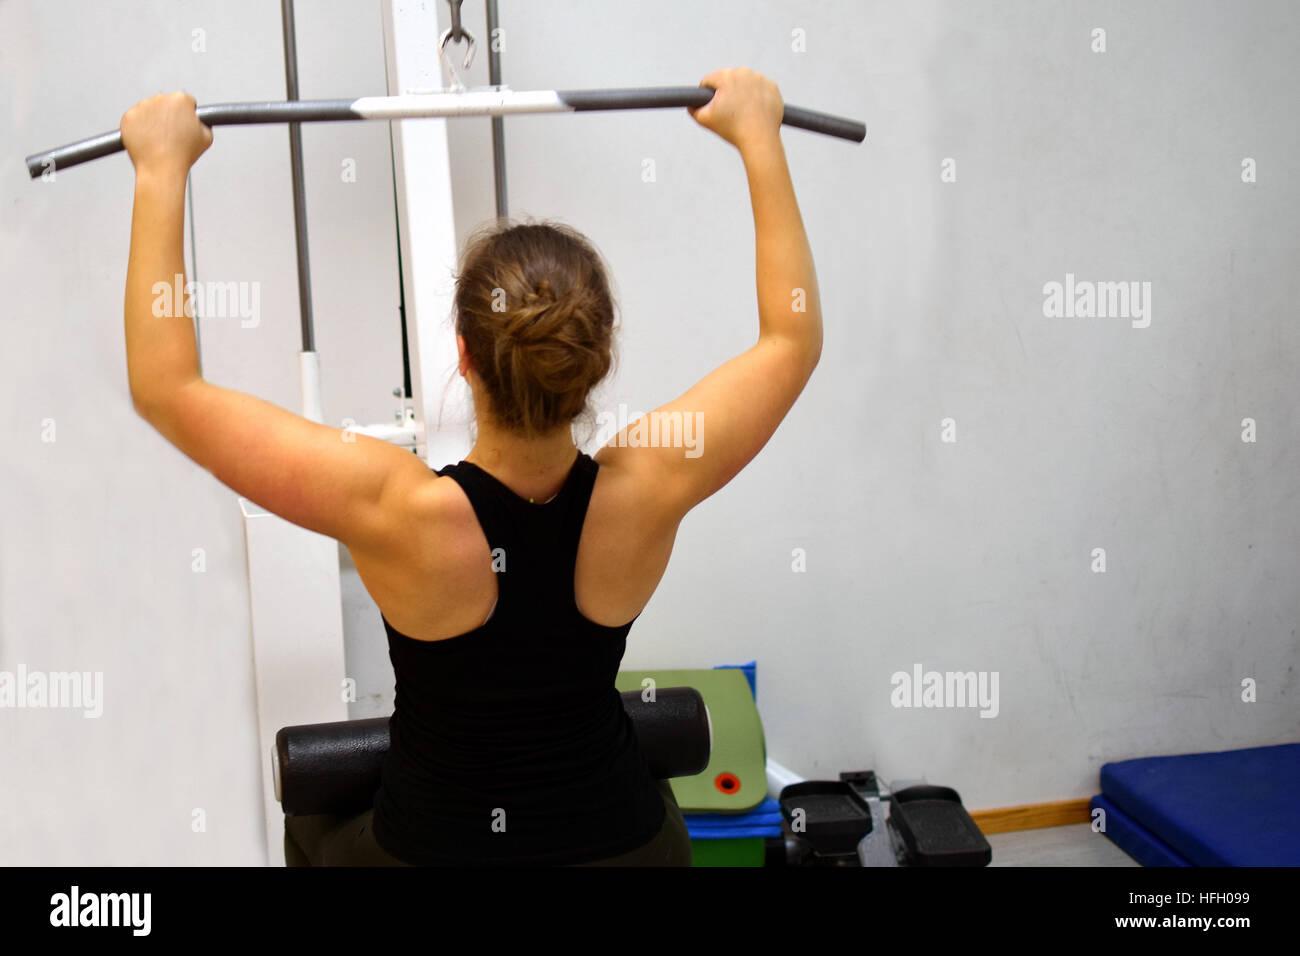 Femme à la salle de sport. L'élaboration de ses muscles du dos et des bras avec lat pulldown machine Photo Stock